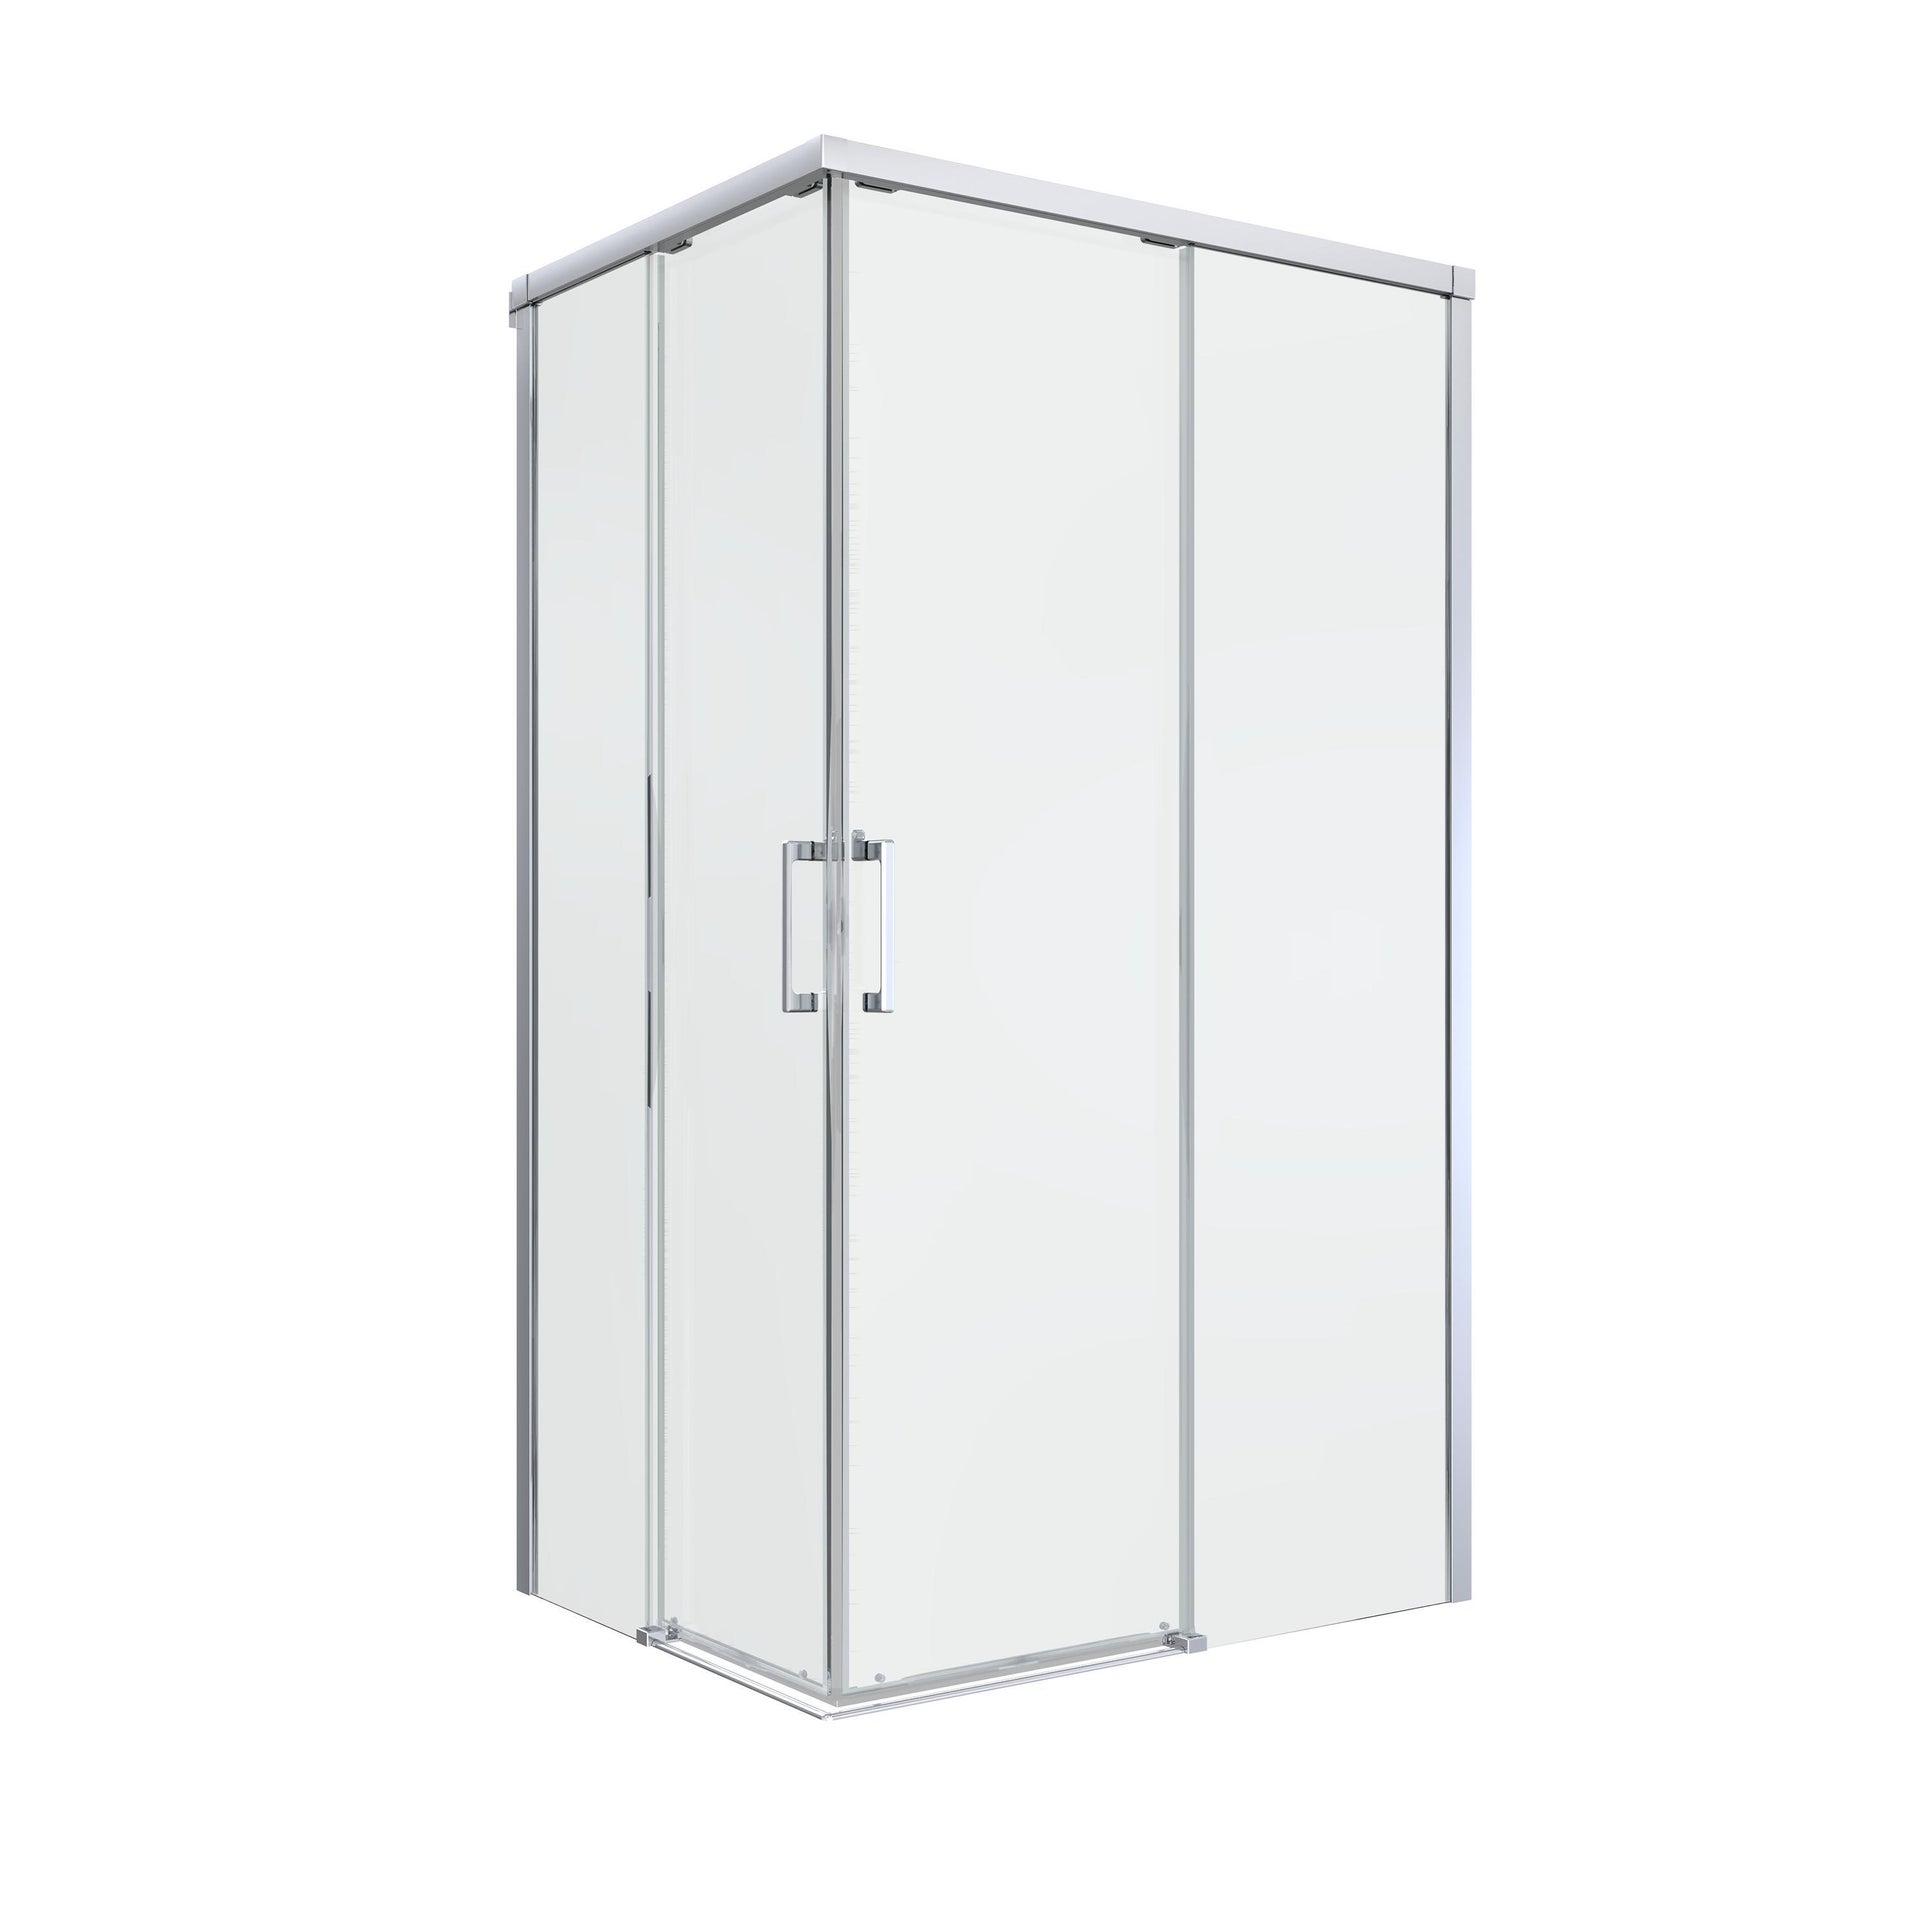 Box doccia rettangolare scorrevole Remix 70 x 120 cm, H 195 cm in vetro temprato, spessore 6 mm trasparente cromato - 3